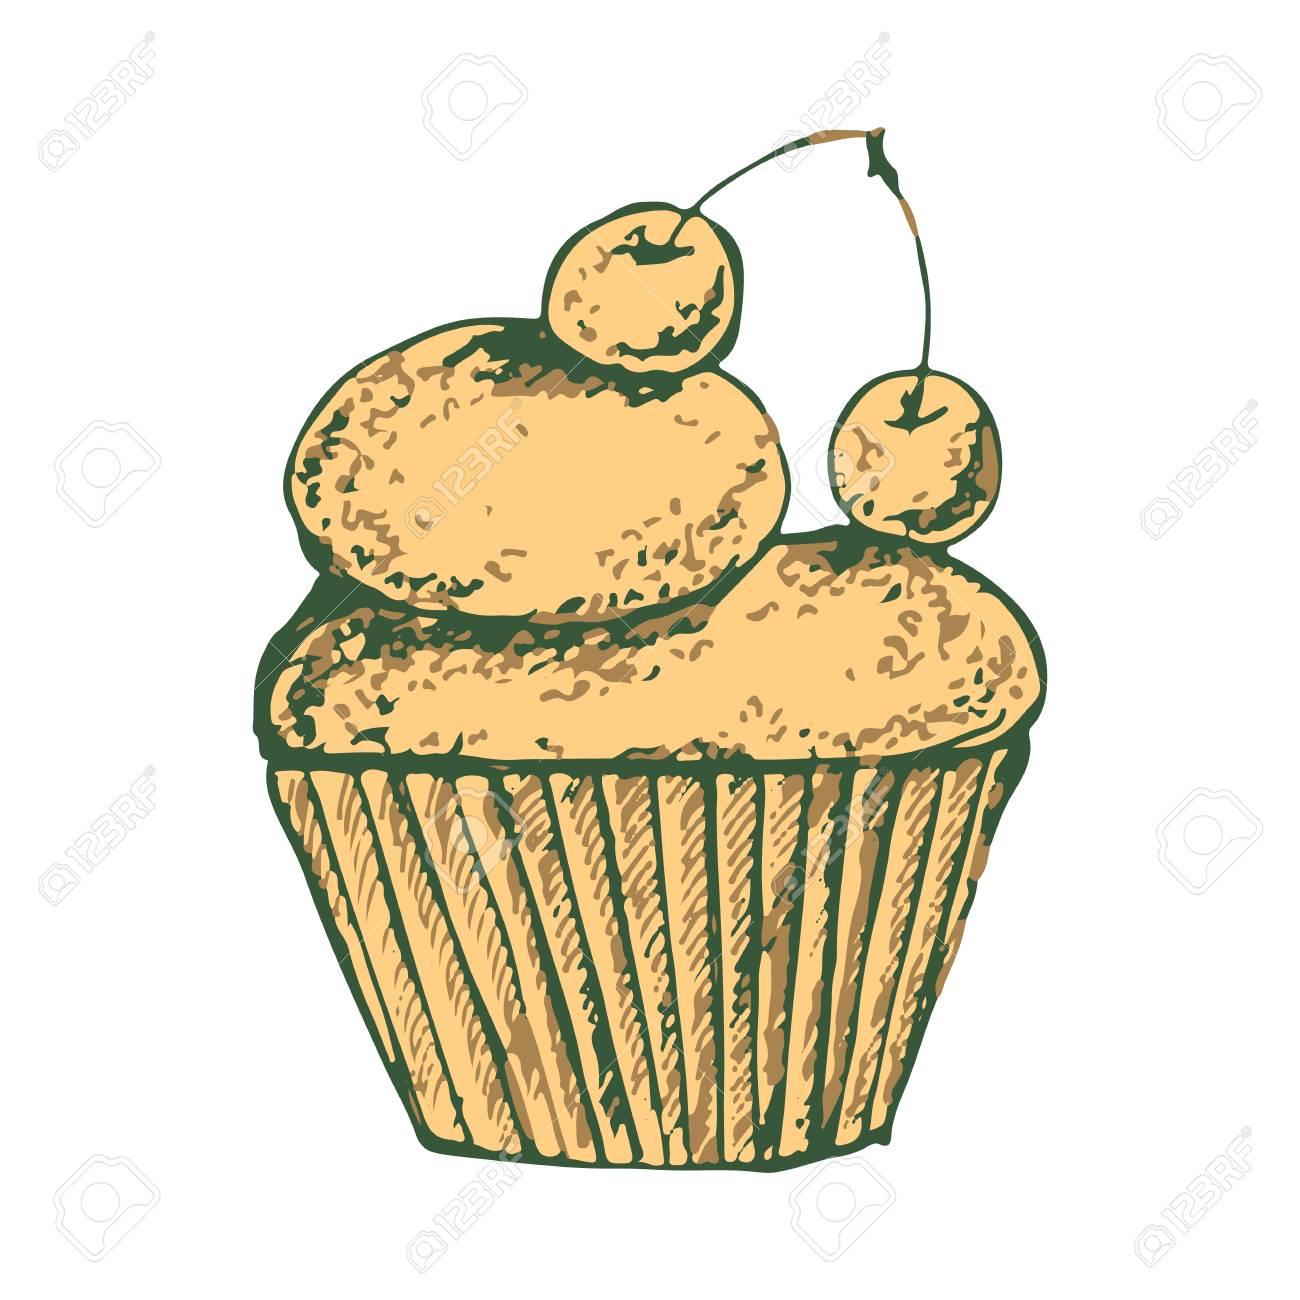 Skizzieren Sie Einen Leckeren Kuchen Susses Clipart Mit Kostlichen